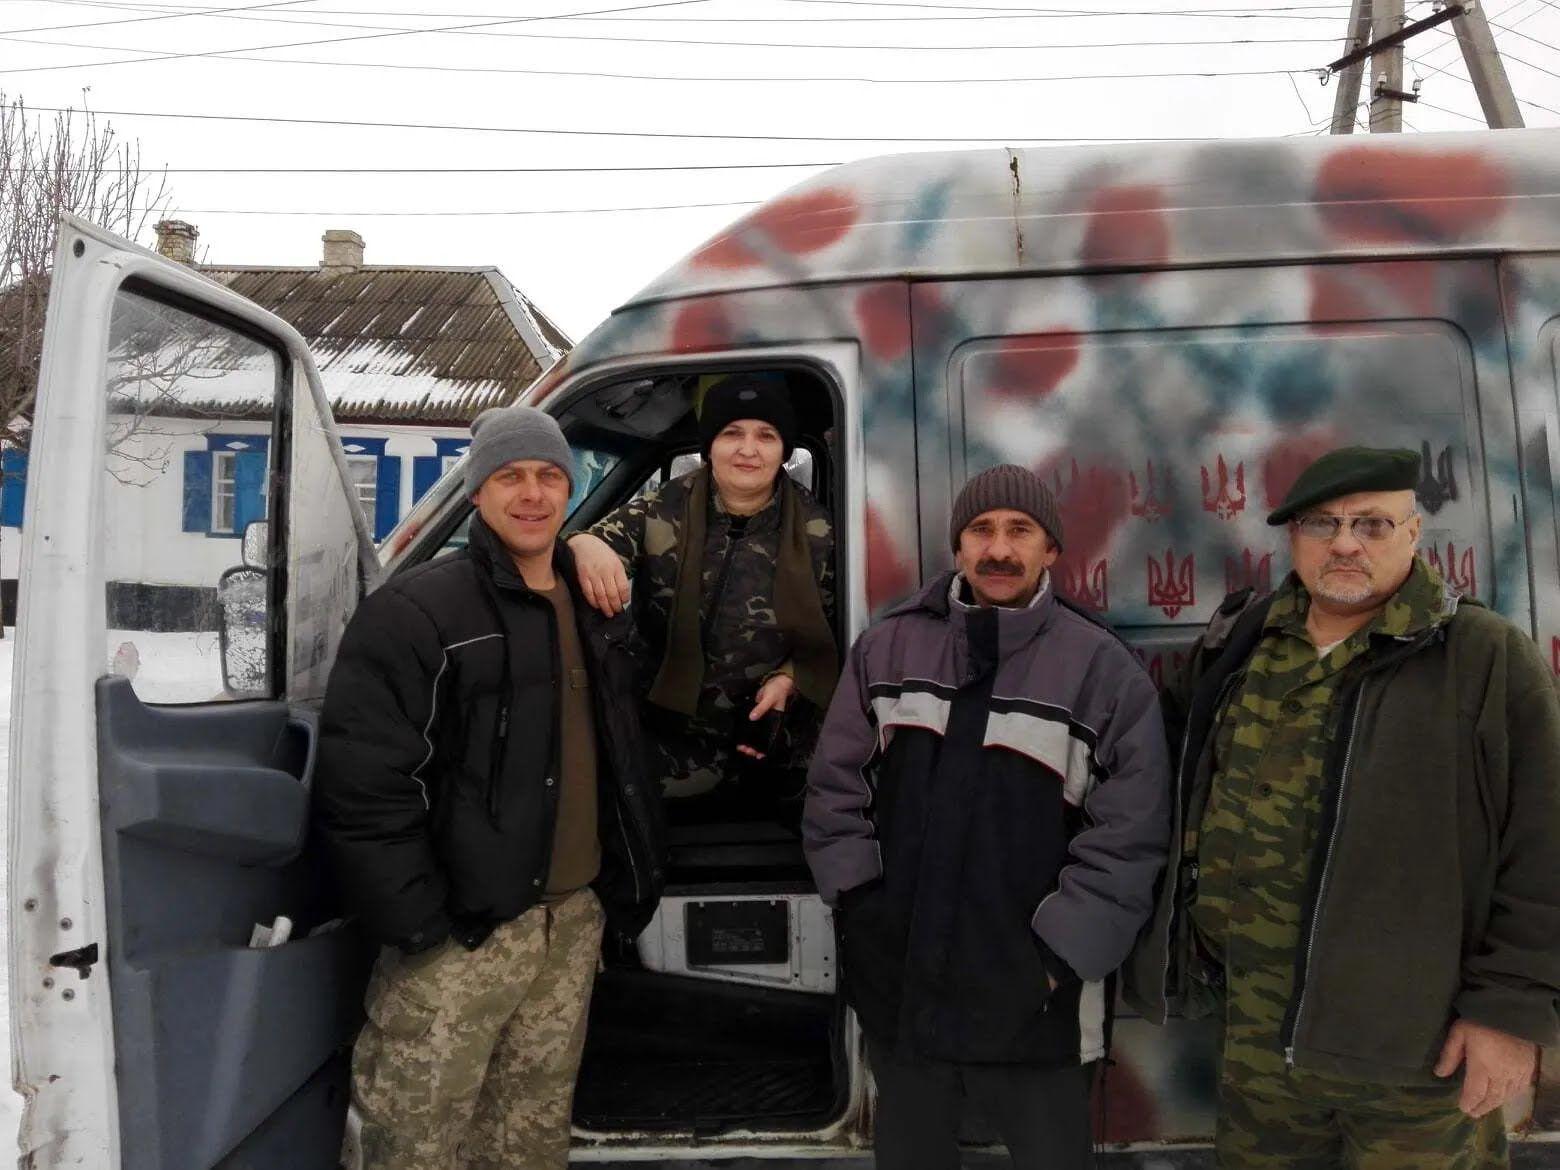 Сергей (крайний слева) на своем бусе исколесил тысячи километров на фронт